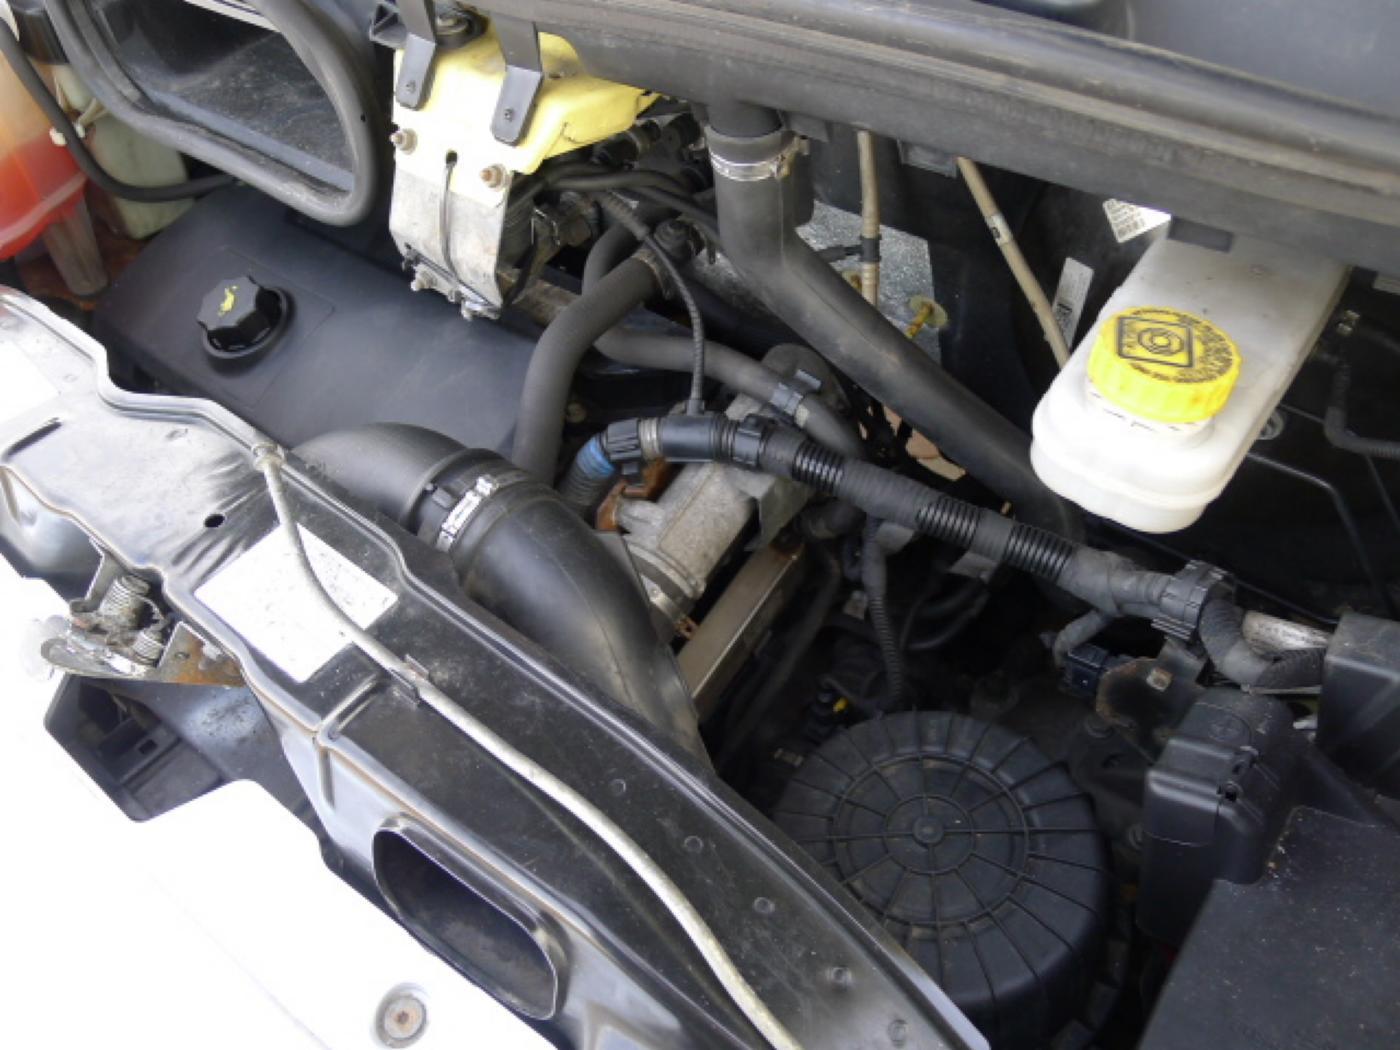 Fiat Ducato 2,3 JTD L2H2 6míst+Klima+Kamera Akc - 18